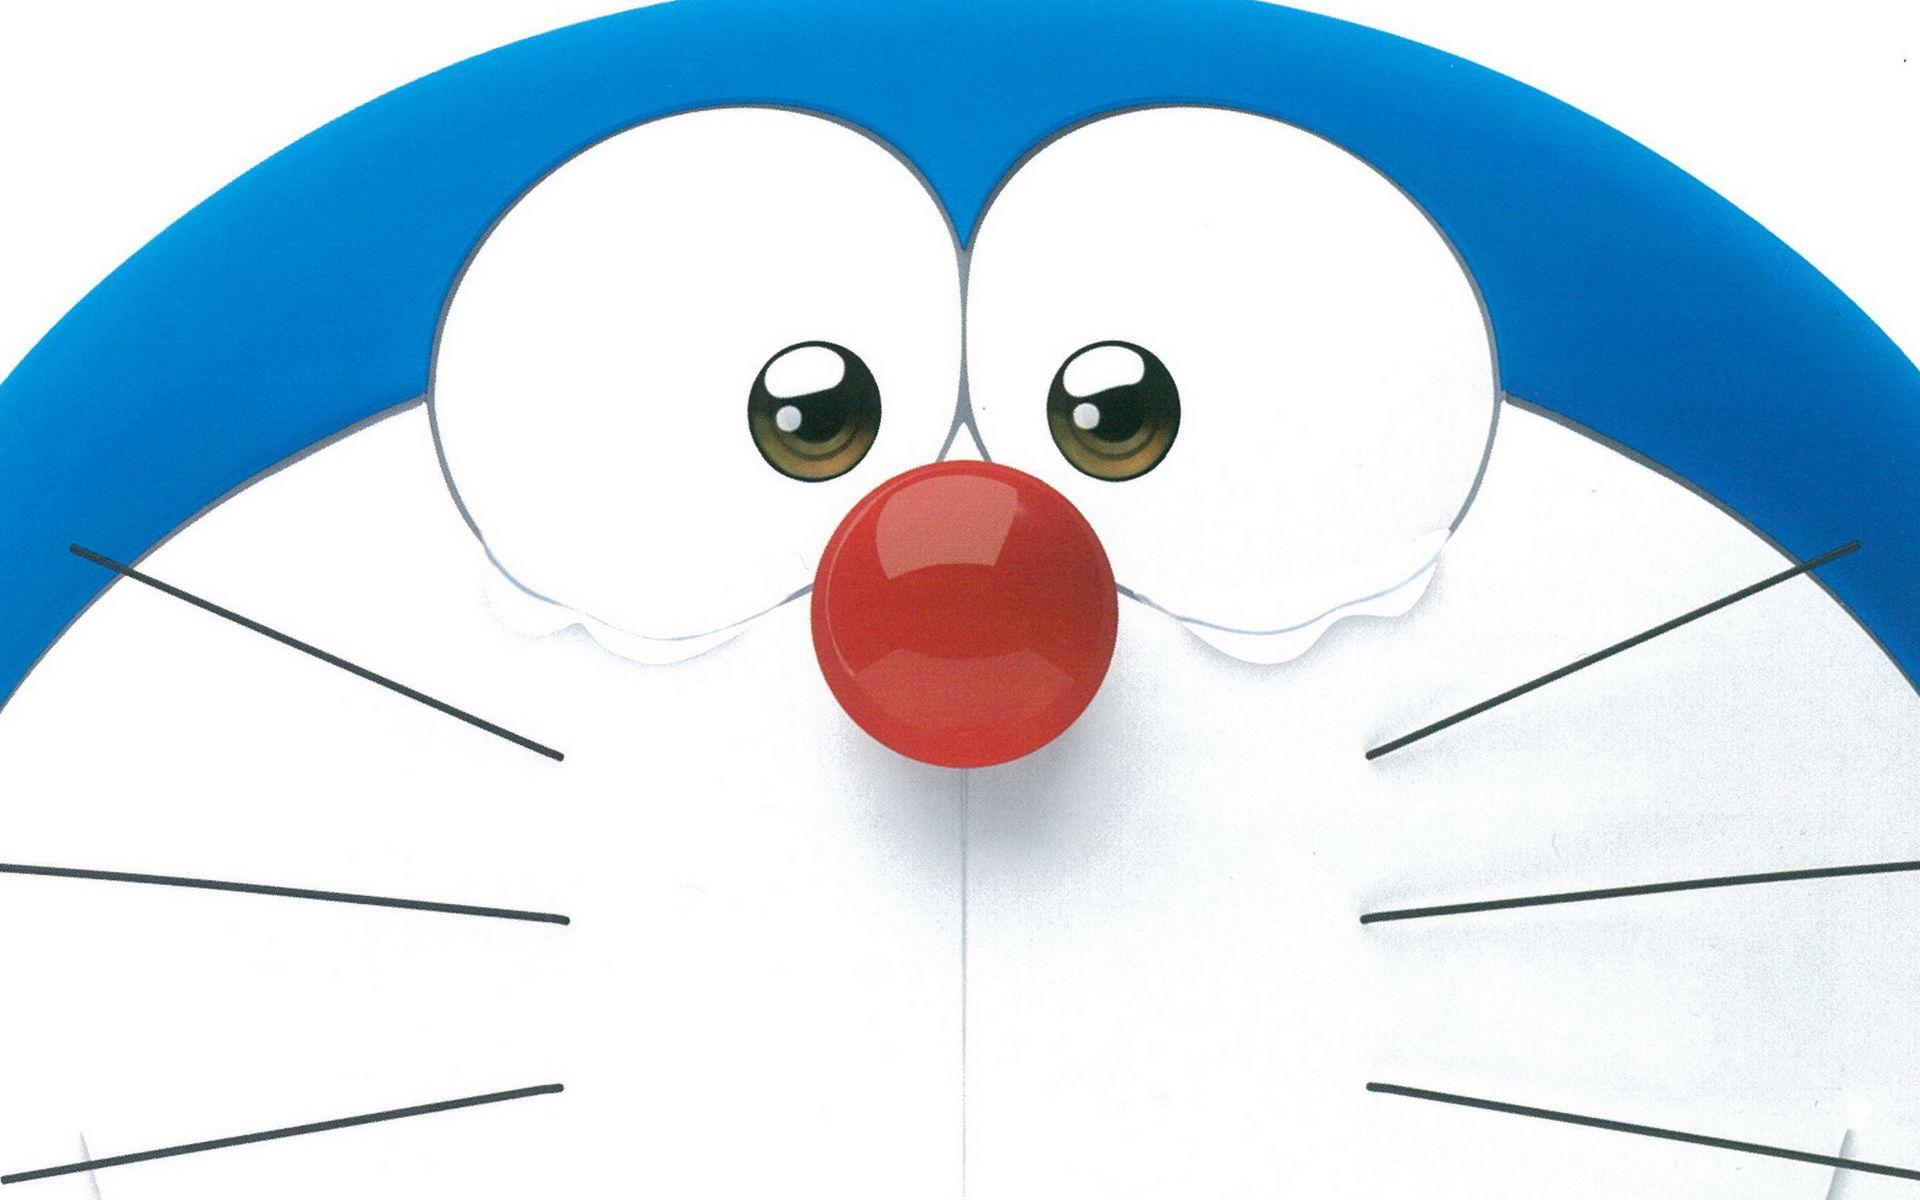 求哆啦a梦到2014年为止 所有剧场版主题曲名 格式:年份 剧场版名 主题